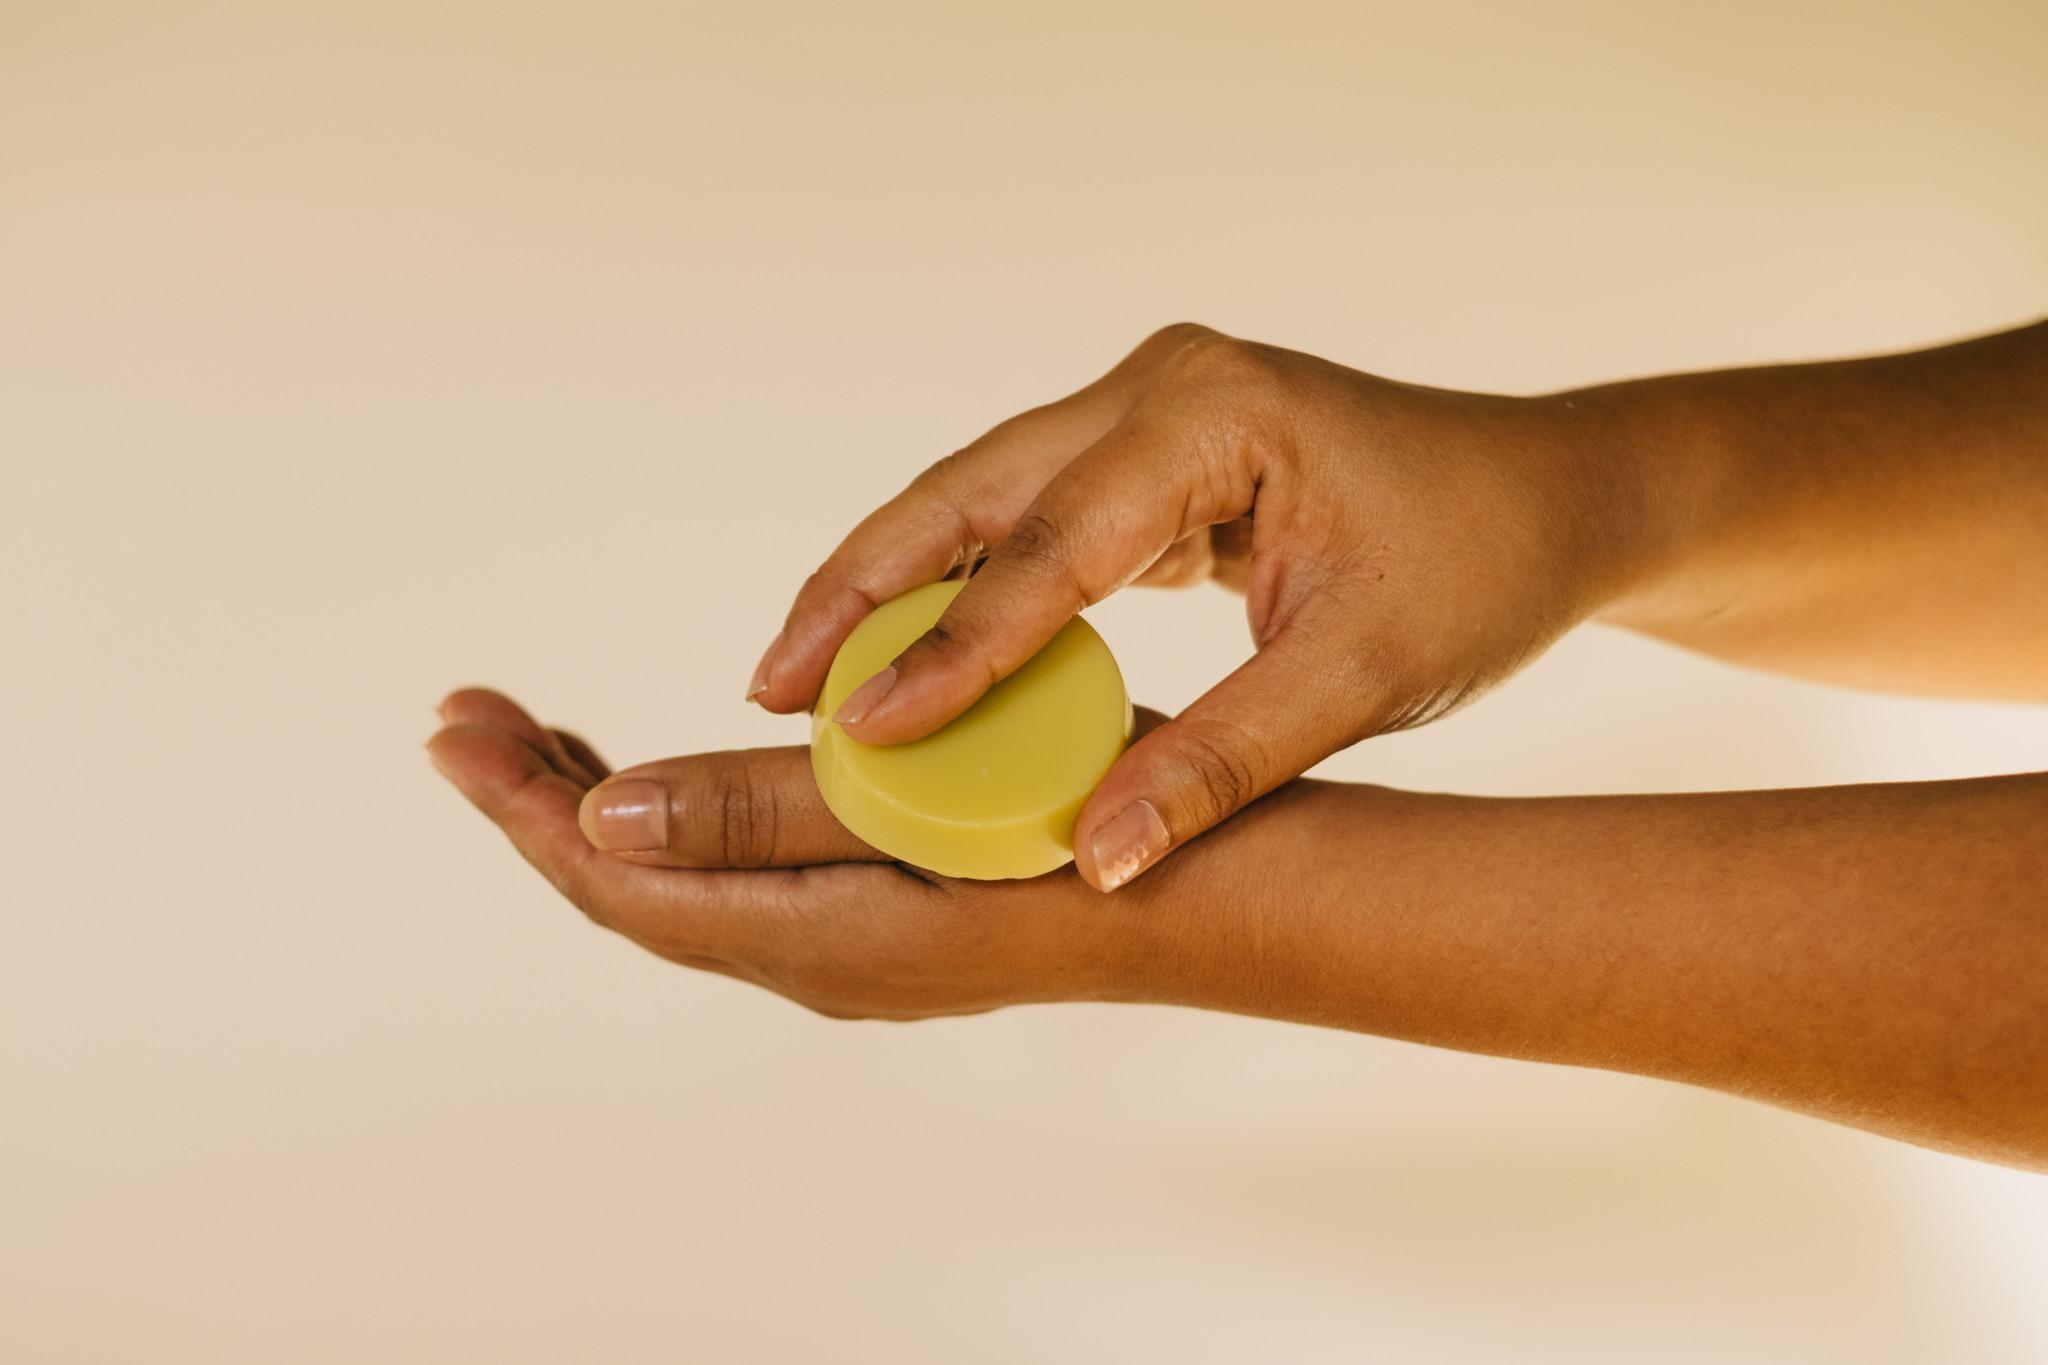 4 people who care Daumenschmaus für die Hände -Vegan - Unverpackt